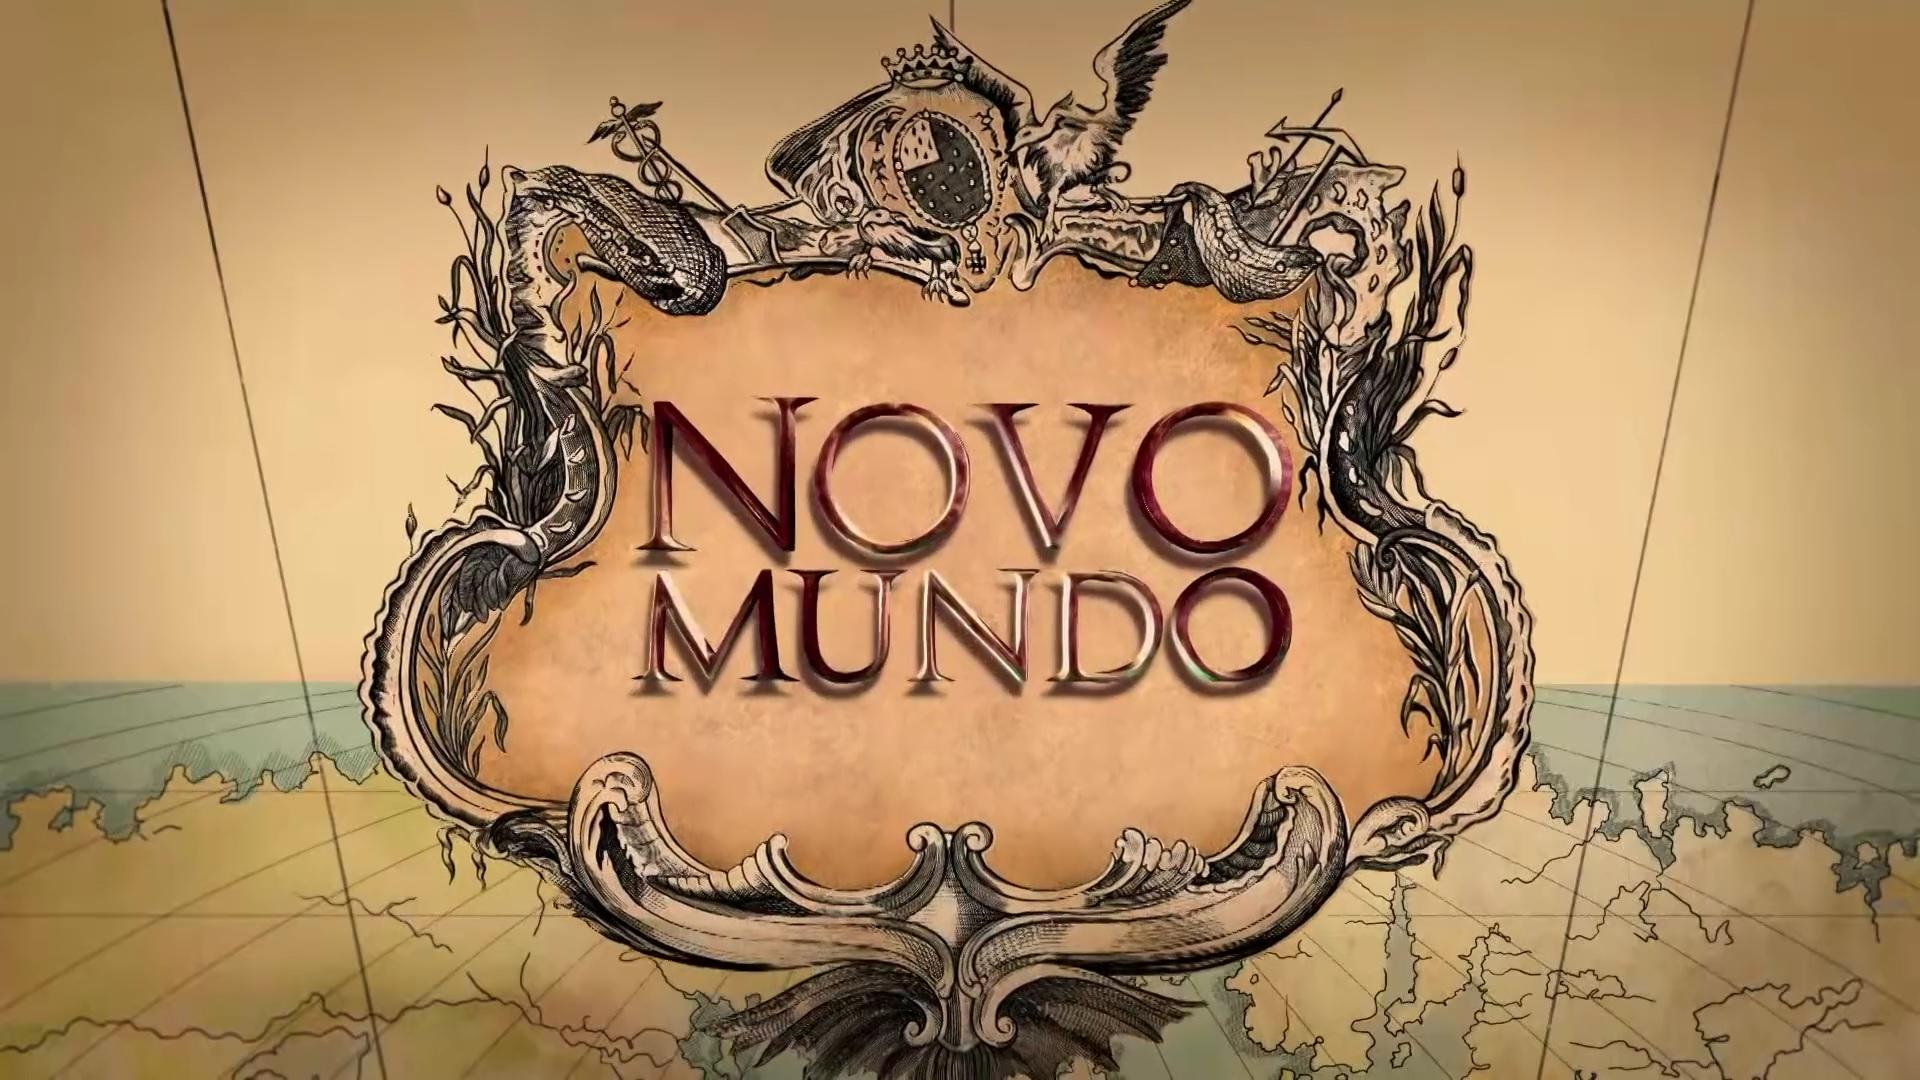 Novo-Mundo.jpg?fit=1920%2C1080